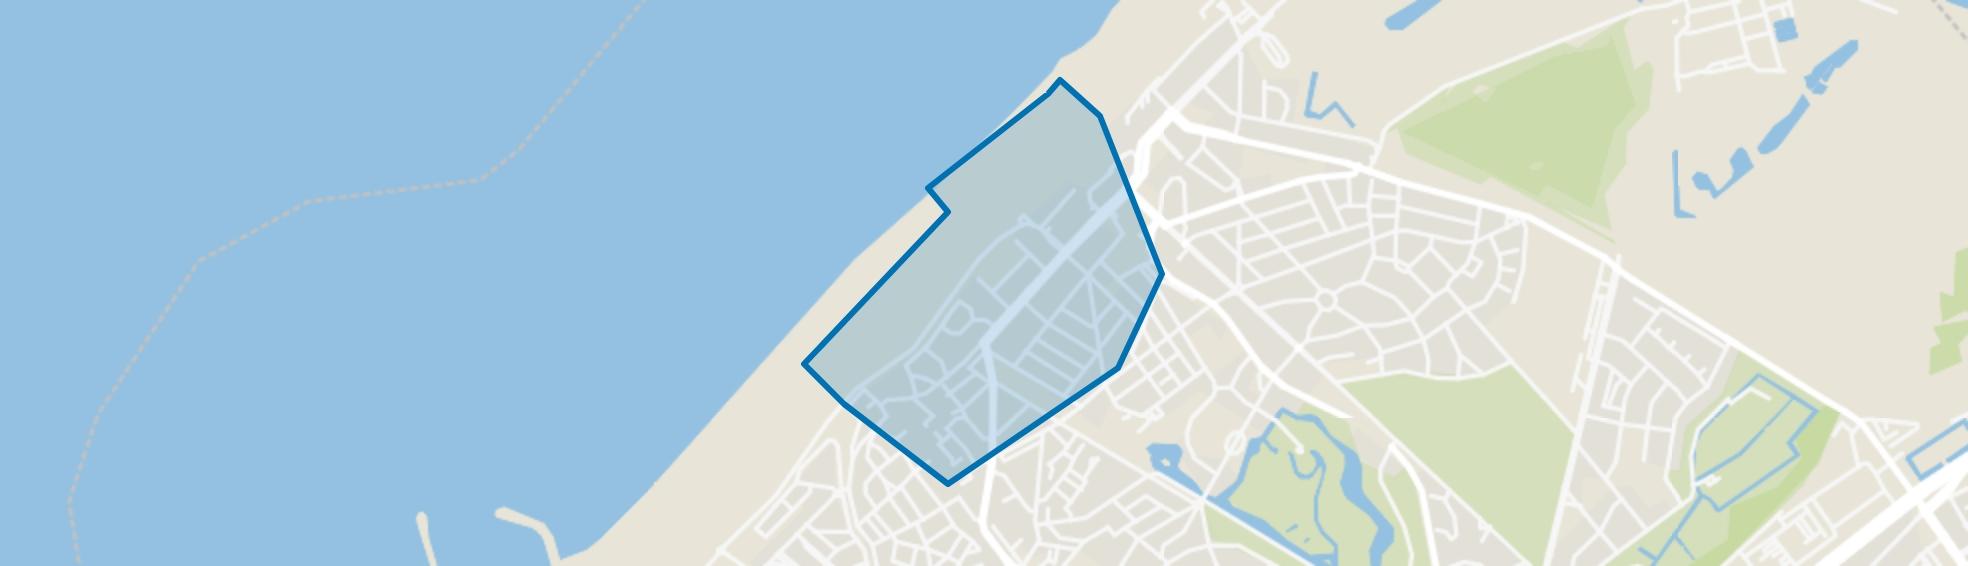 Scheveningen Badplaats, Den Haag map